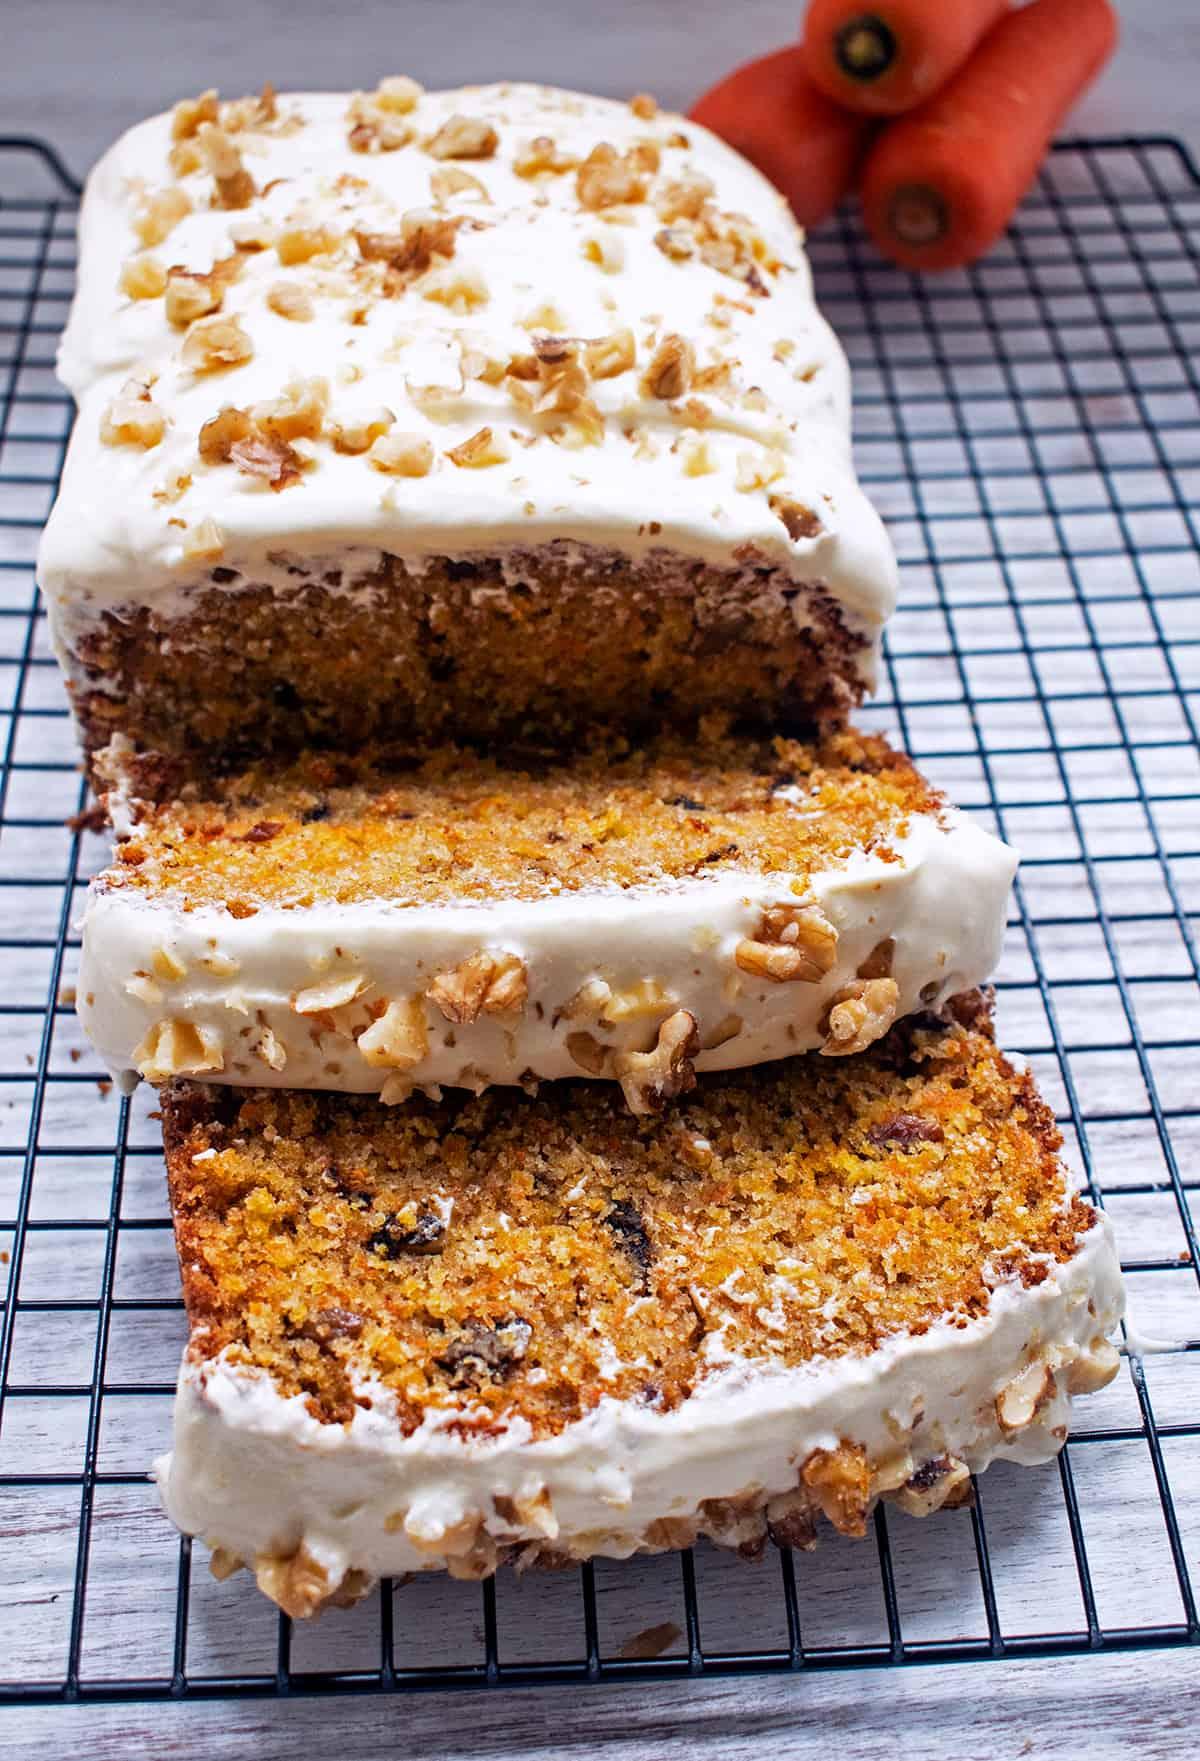 torta de zanahoria y nueces con glaseado